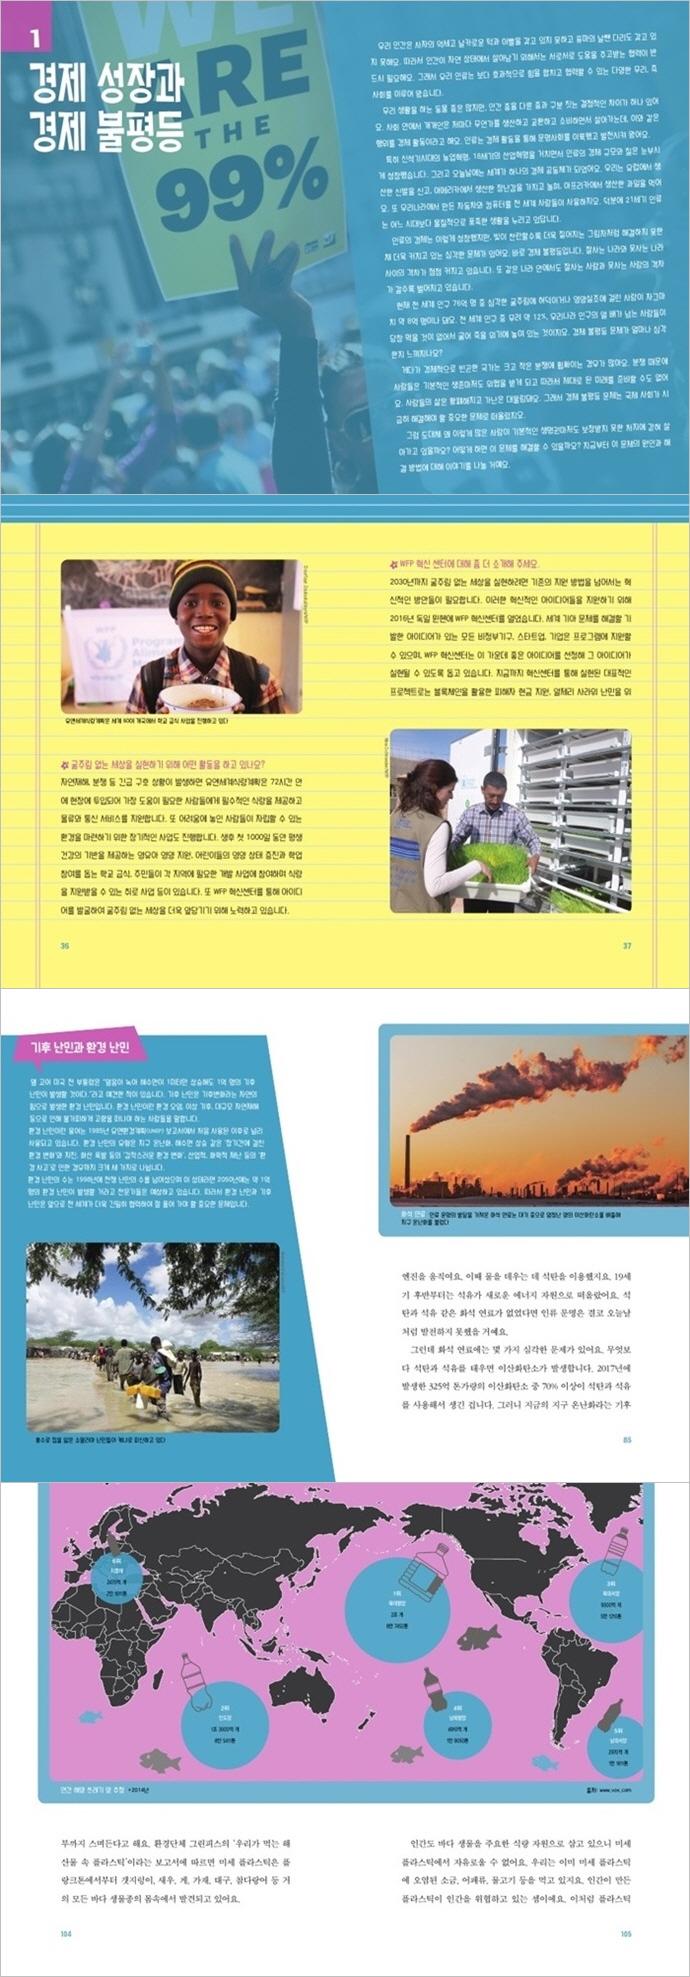 내일을 위한 경제와 환경(유엔 글로벌 이슈 특강 2) 도서 상세이미지